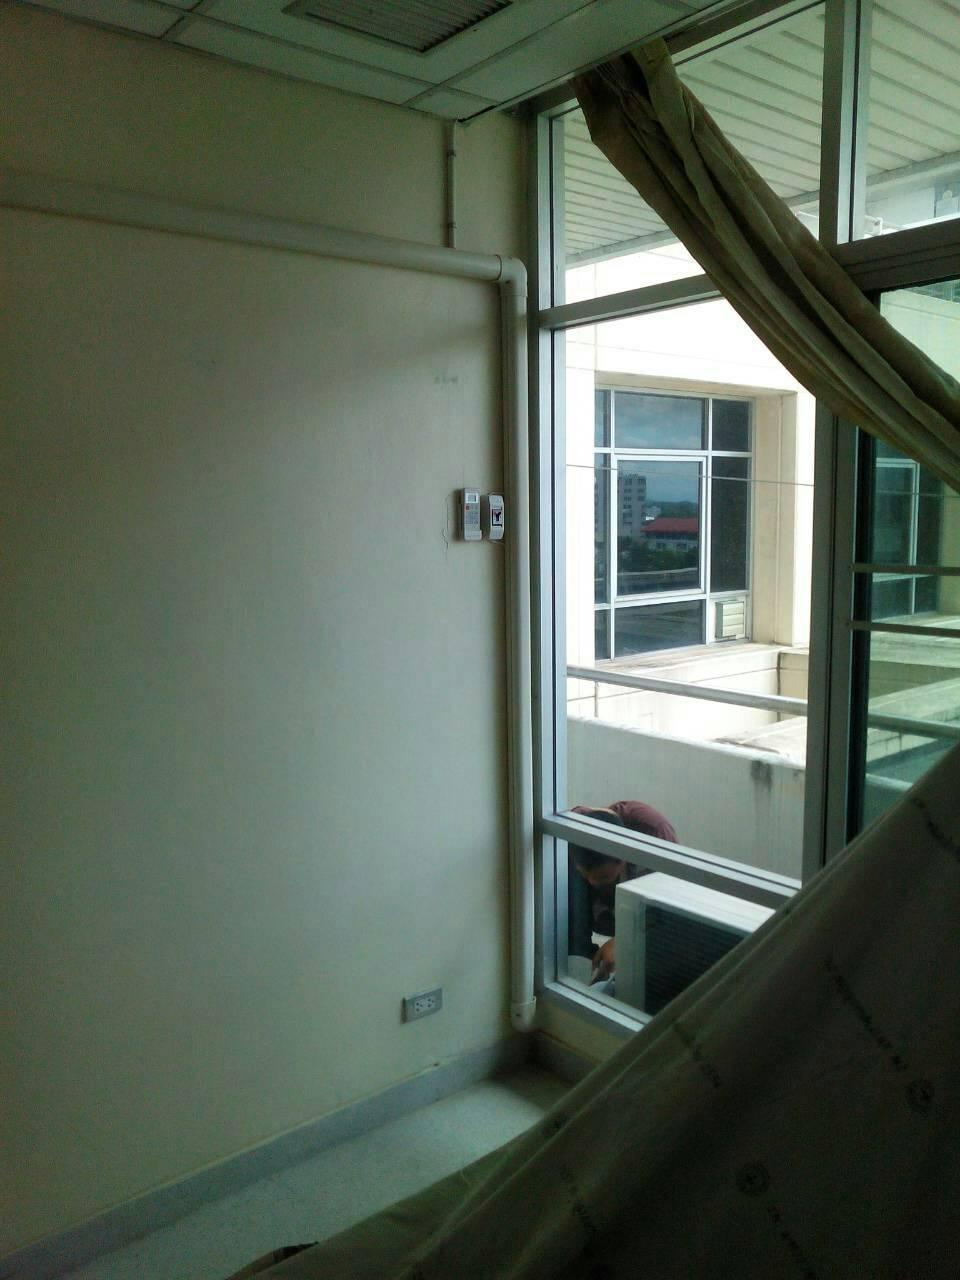 ผลงานติดตั้งแอร์ Mitsubishi 13000 BTU ที่ office สวนดอกค่ะ